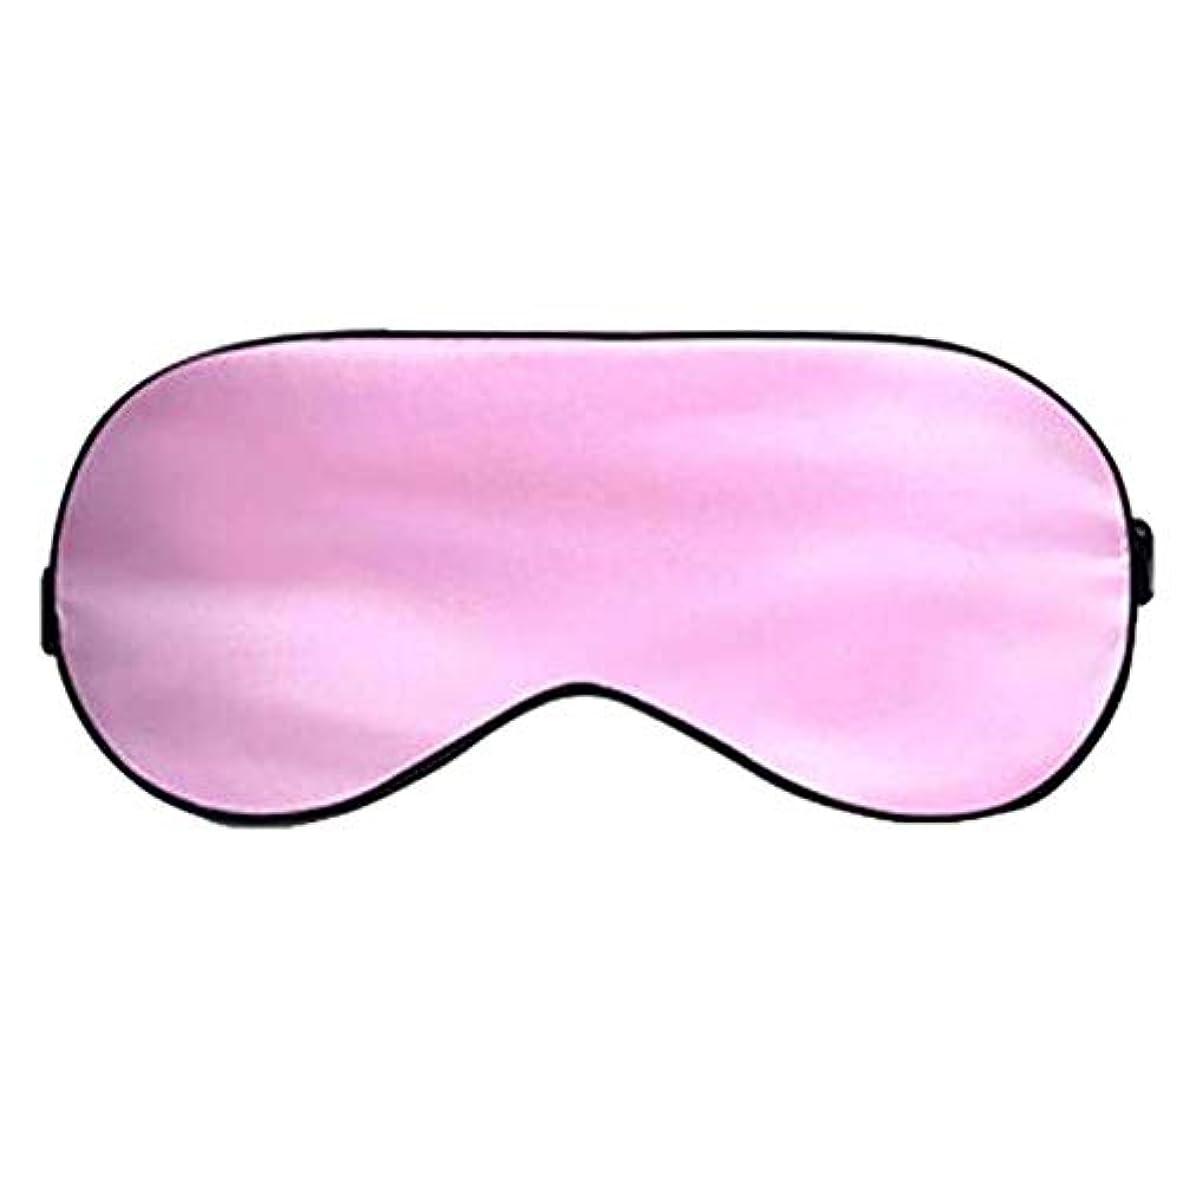 伝説モック気候ピンクシルク睡眠アイシェッド睡眠アイマスク睡眠用調節可能なストラップ